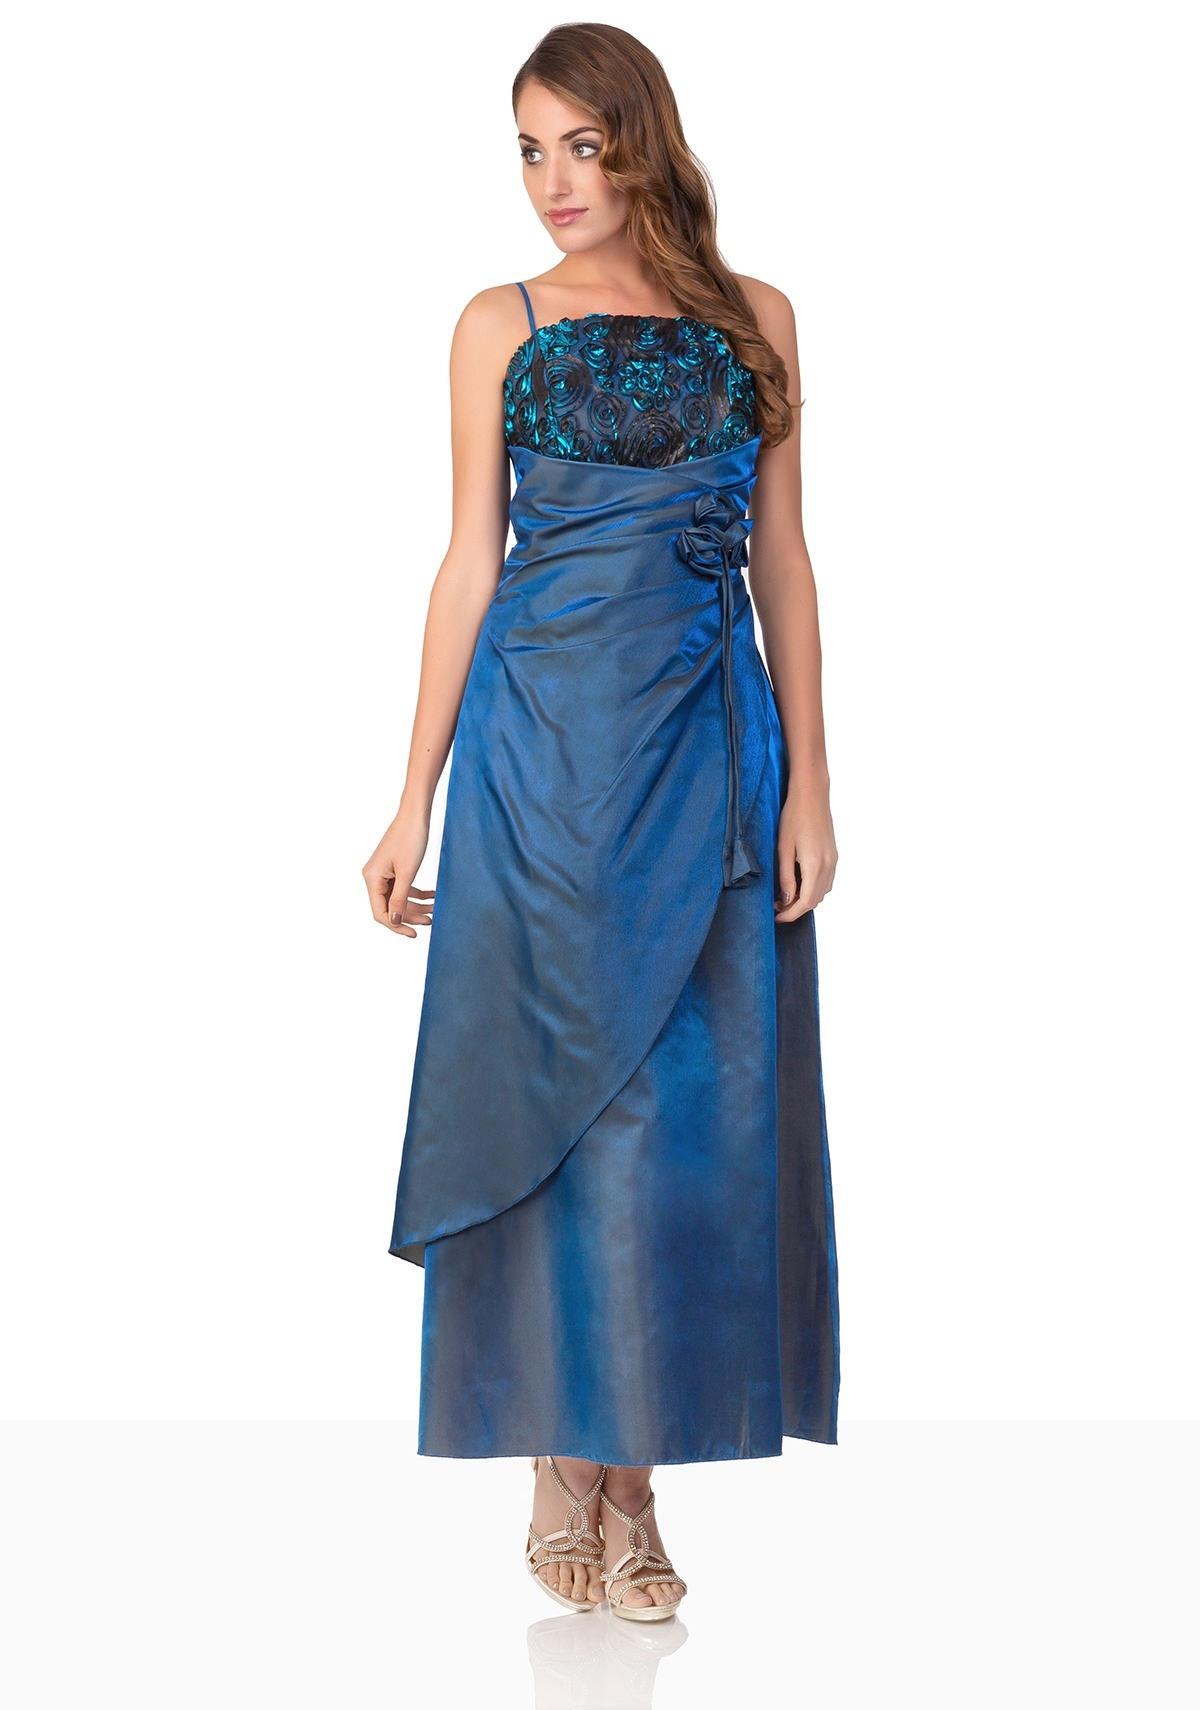 Formal Genial Ich Suche Abendkleider Galerie20 Luxus Ich Suche Abendkleider Design